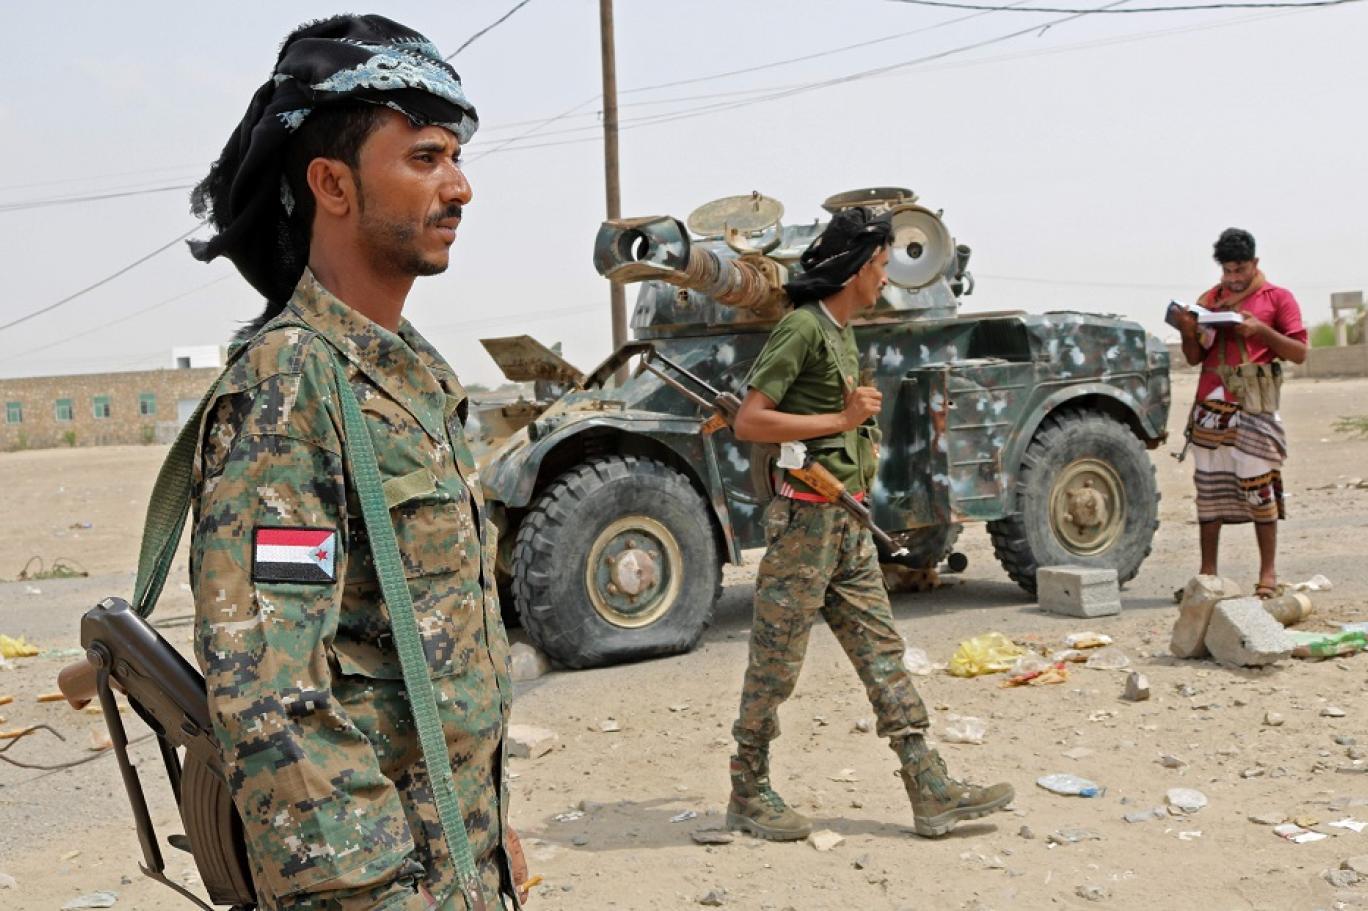 الجيش اليمني يعلن مقتل 80 حوثيا وجرح آخرين بمحافظة البيضاء